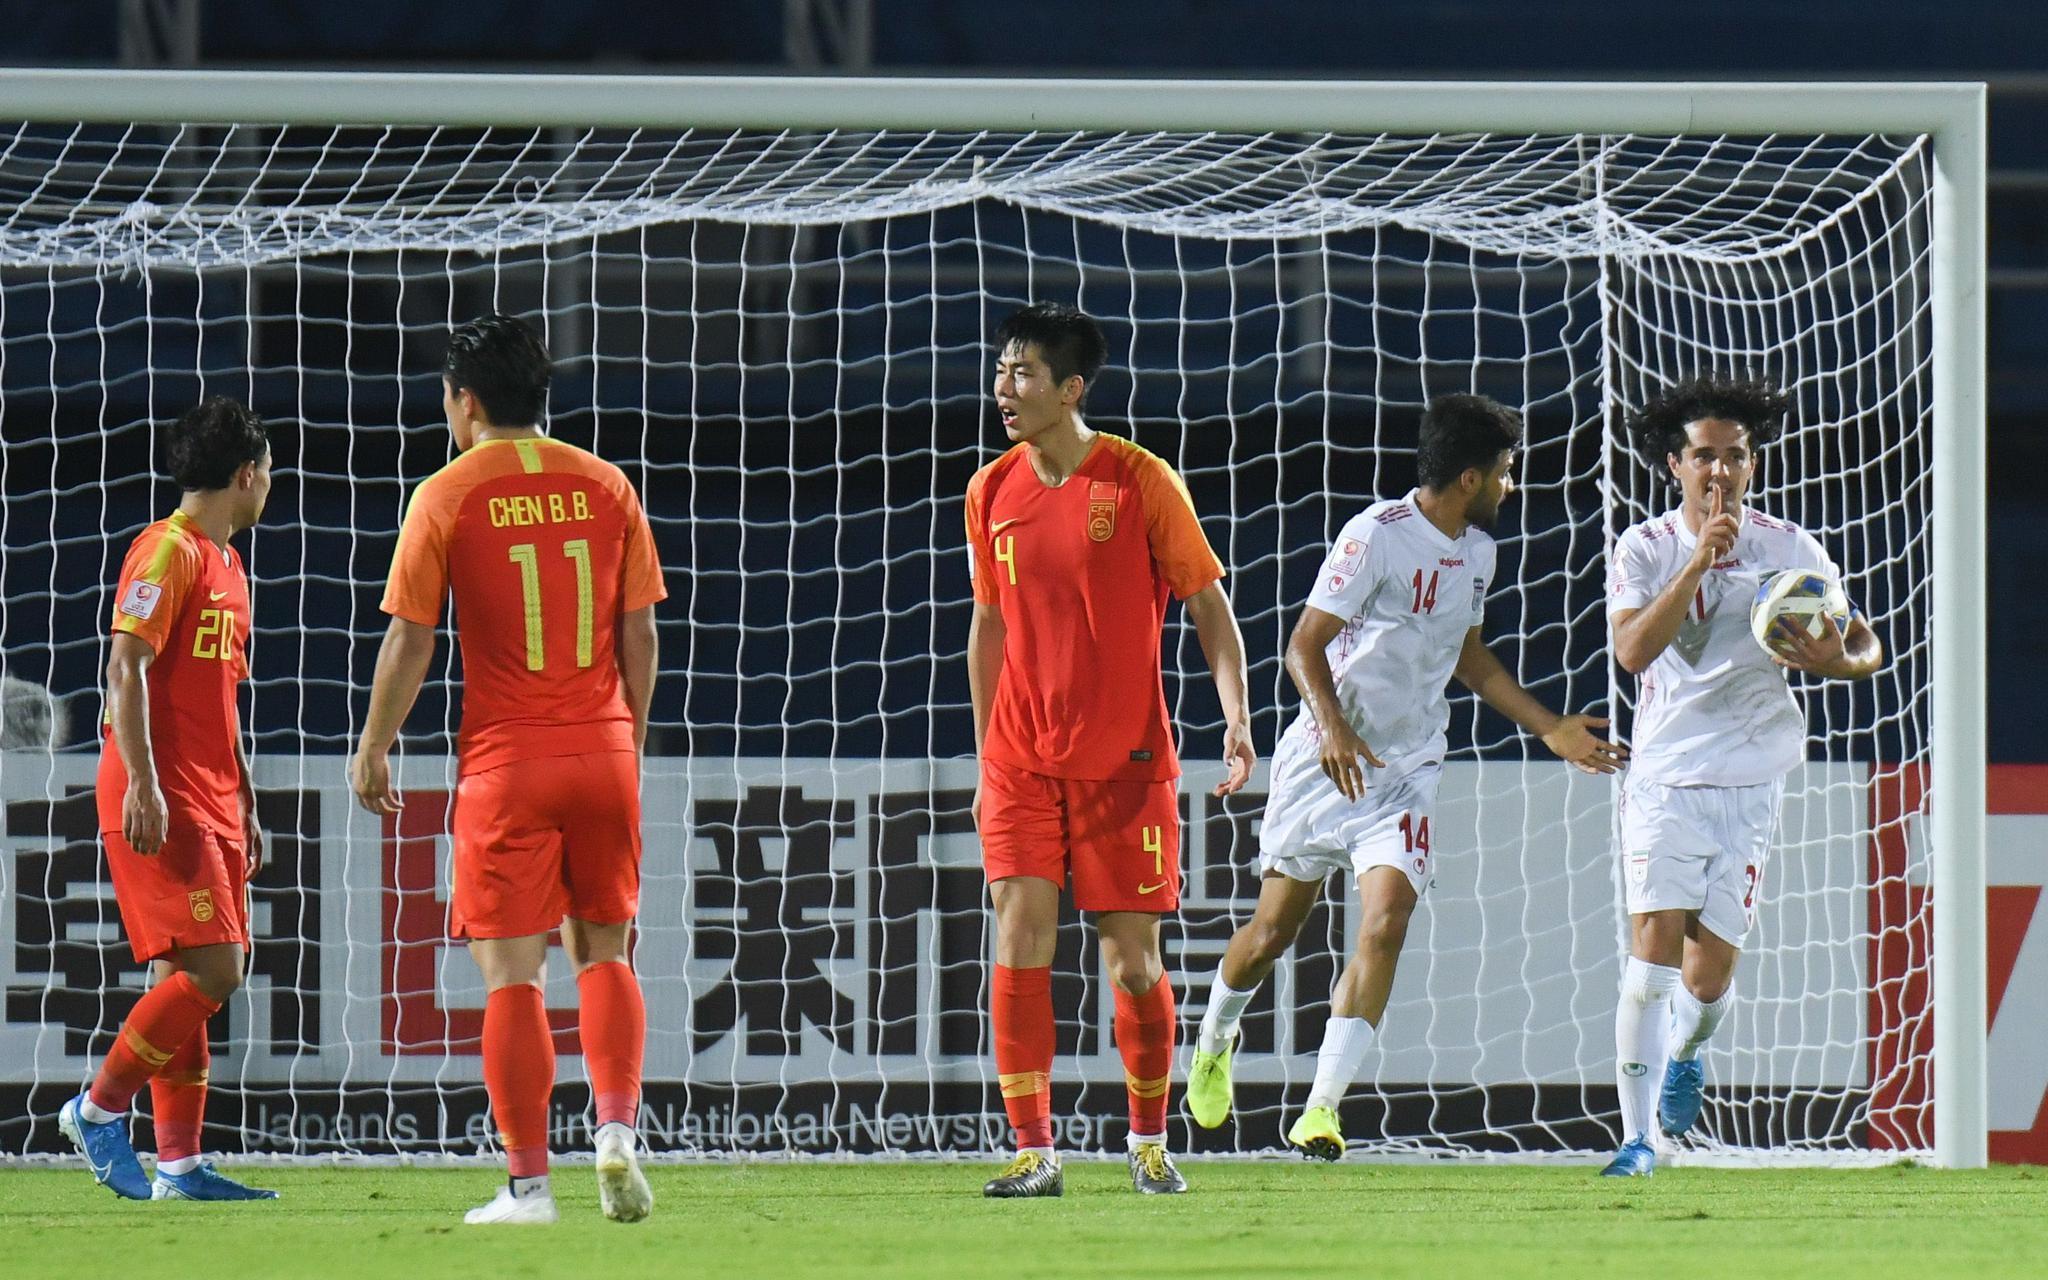 国奥最后时刻送点,3连败结束亚洲杯图片